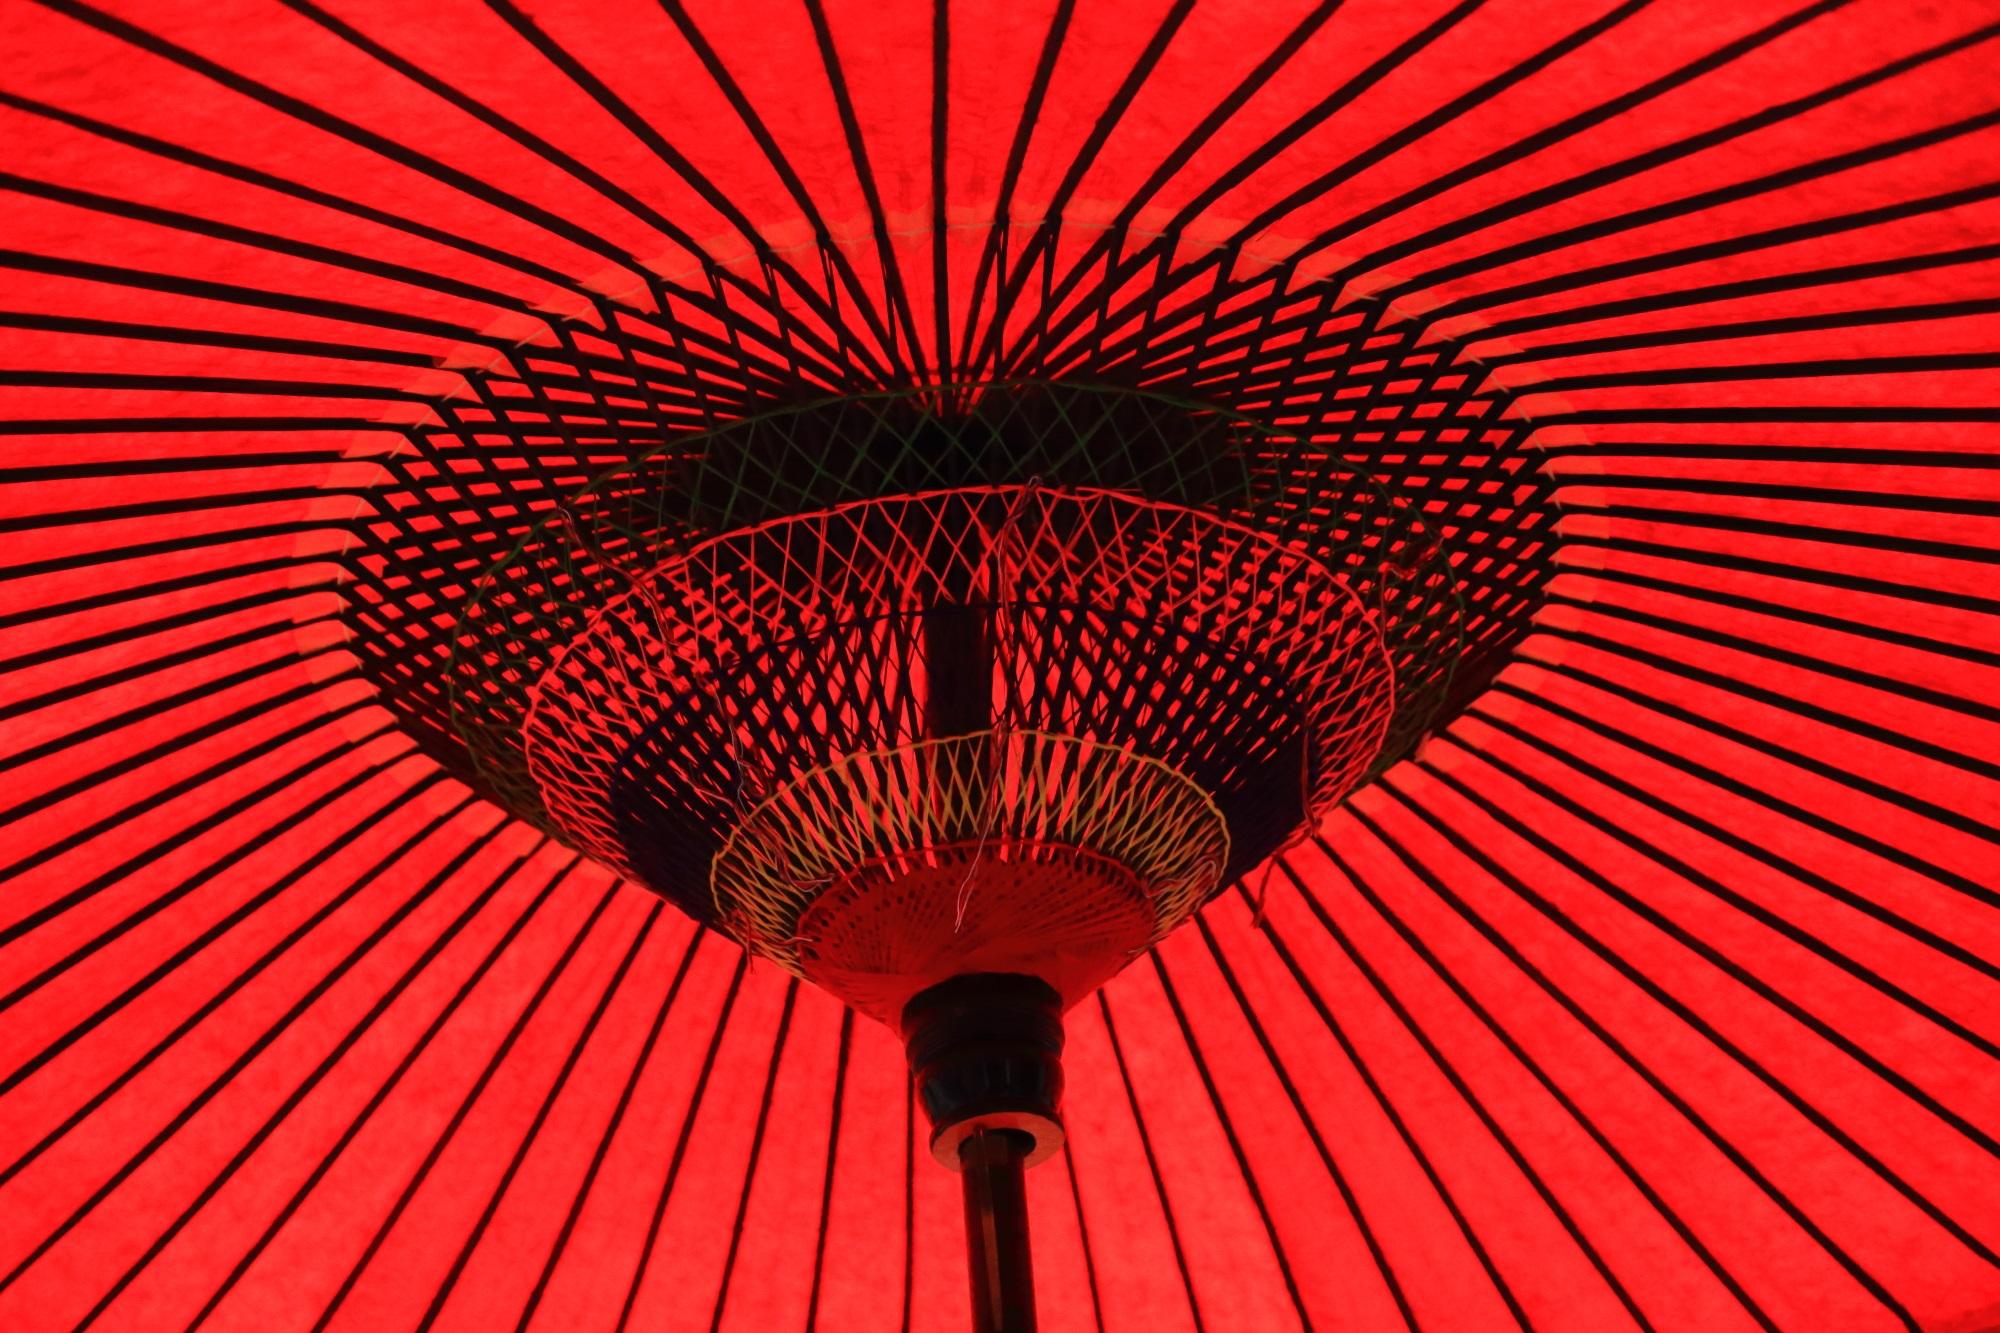 和傘 神幸祭 祇園祭 日本三大祭